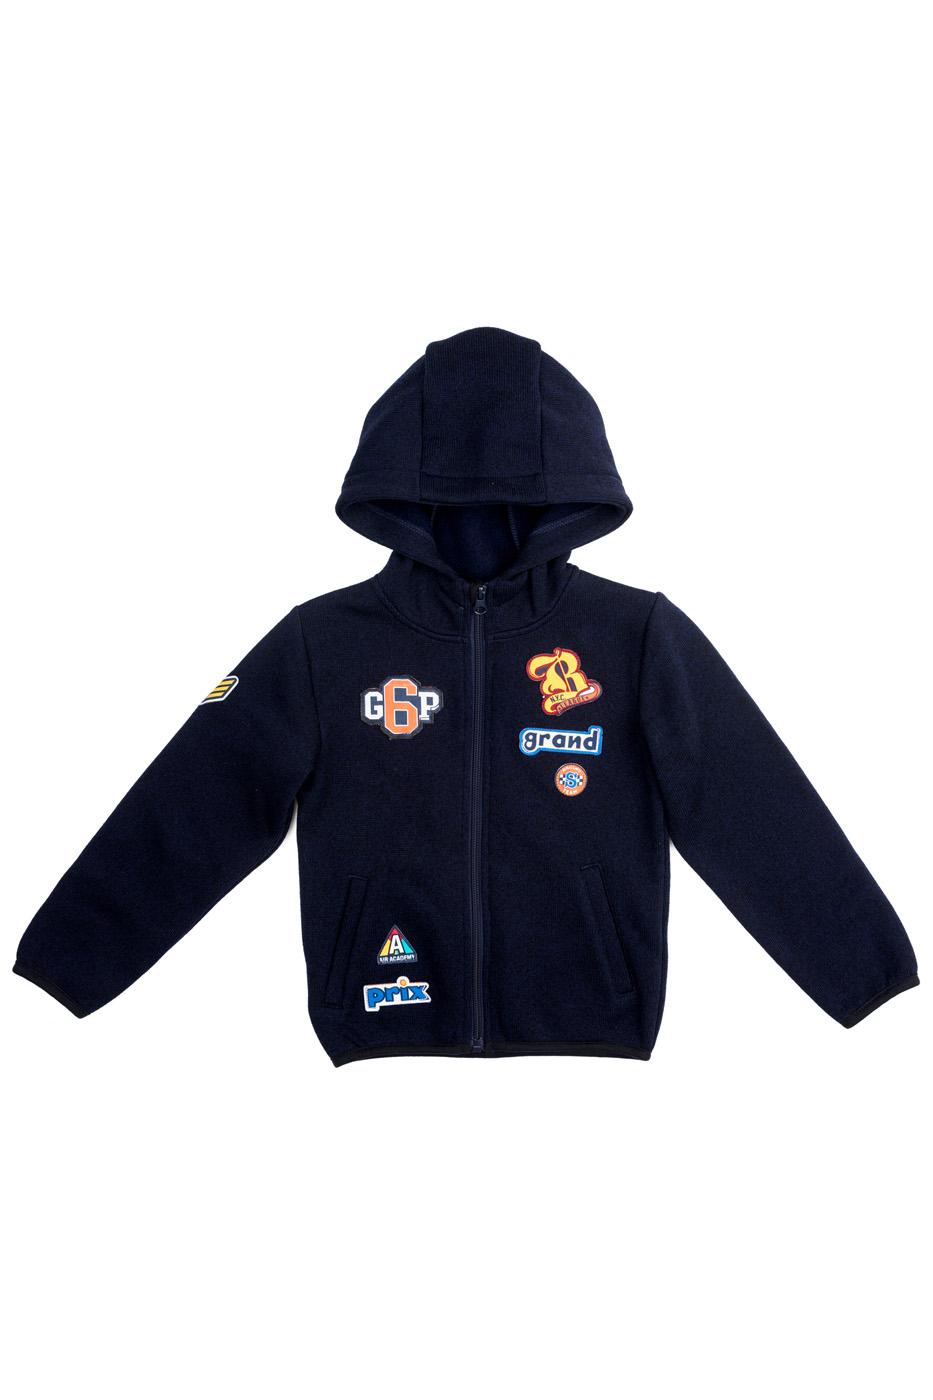 Куртка детская PlayToday, цв. синий, р-р 128 Play Today 371068